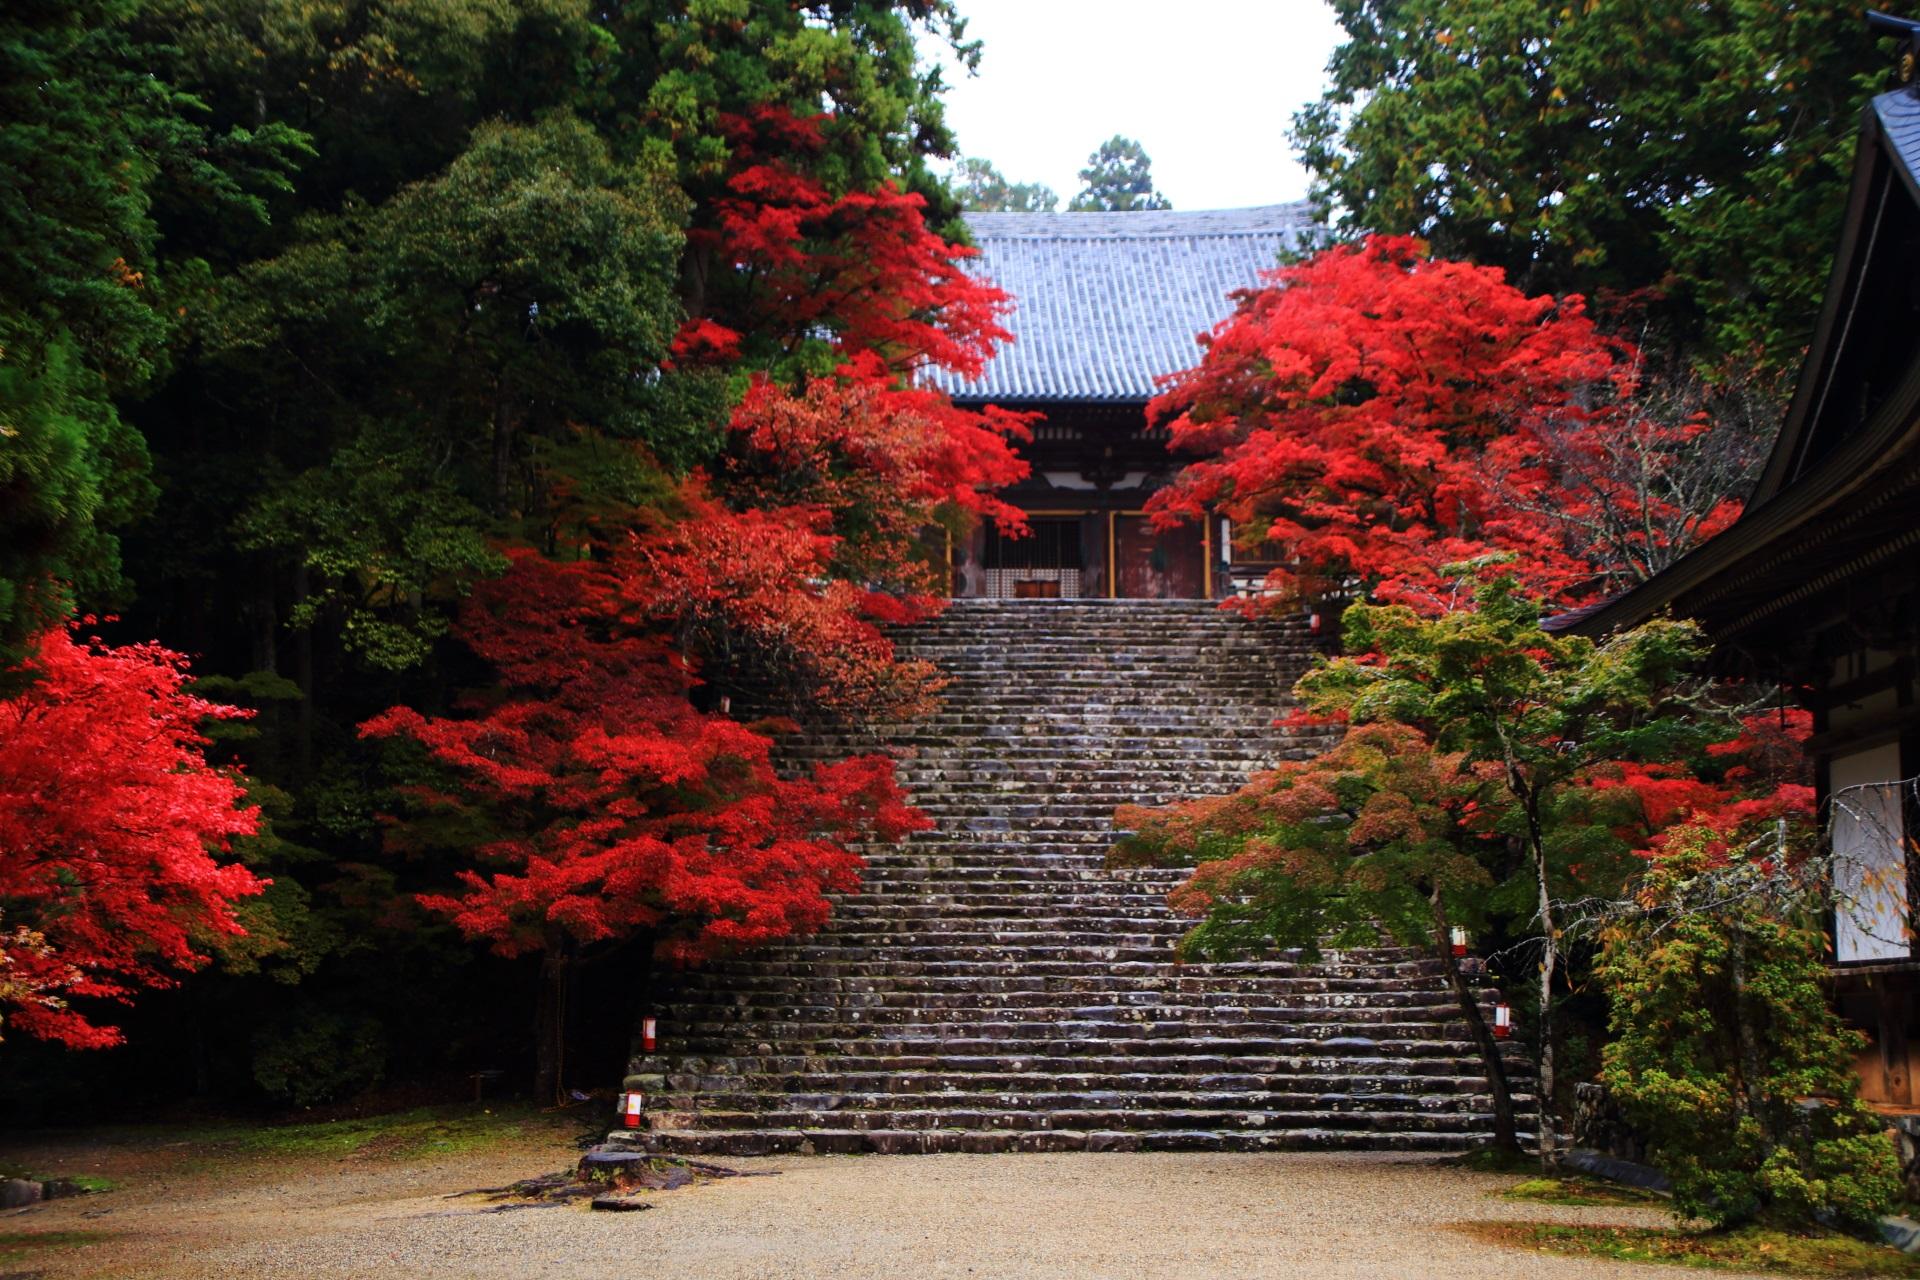 金堂と石段を彩る炎のような紅葉